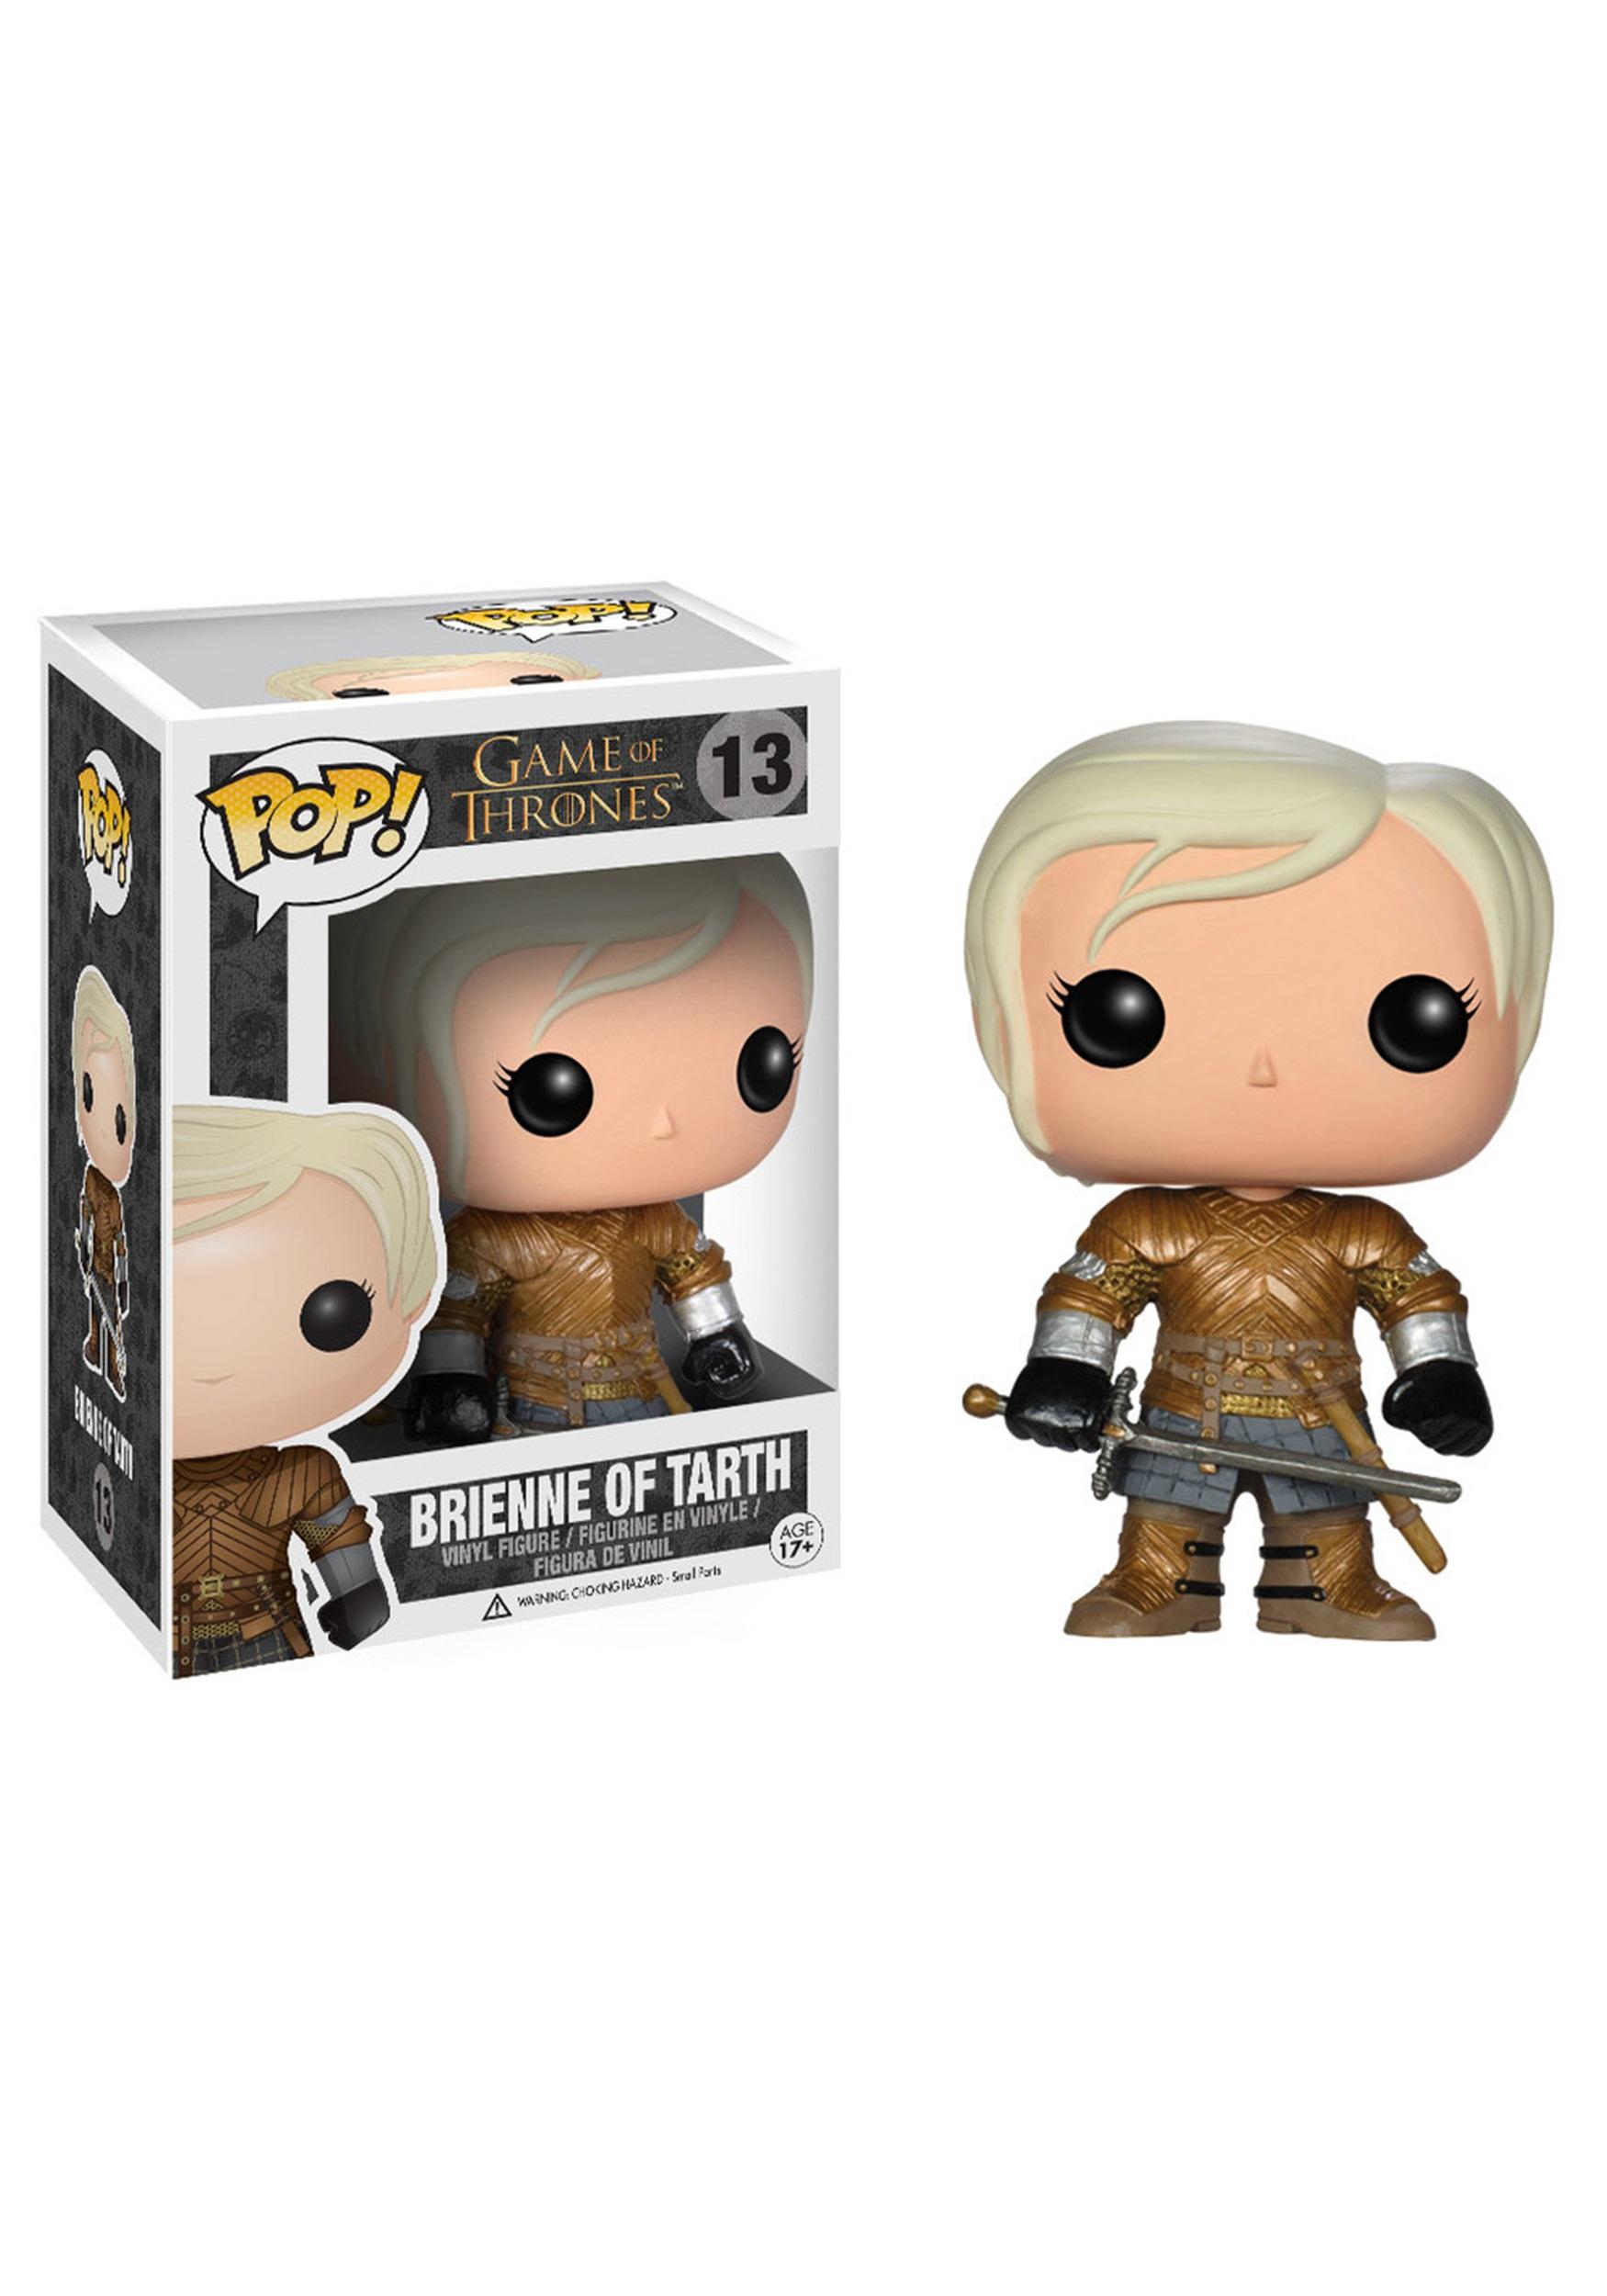 POP! Game of Thrones Brienne of Tarth Vinyl Figure FN4017